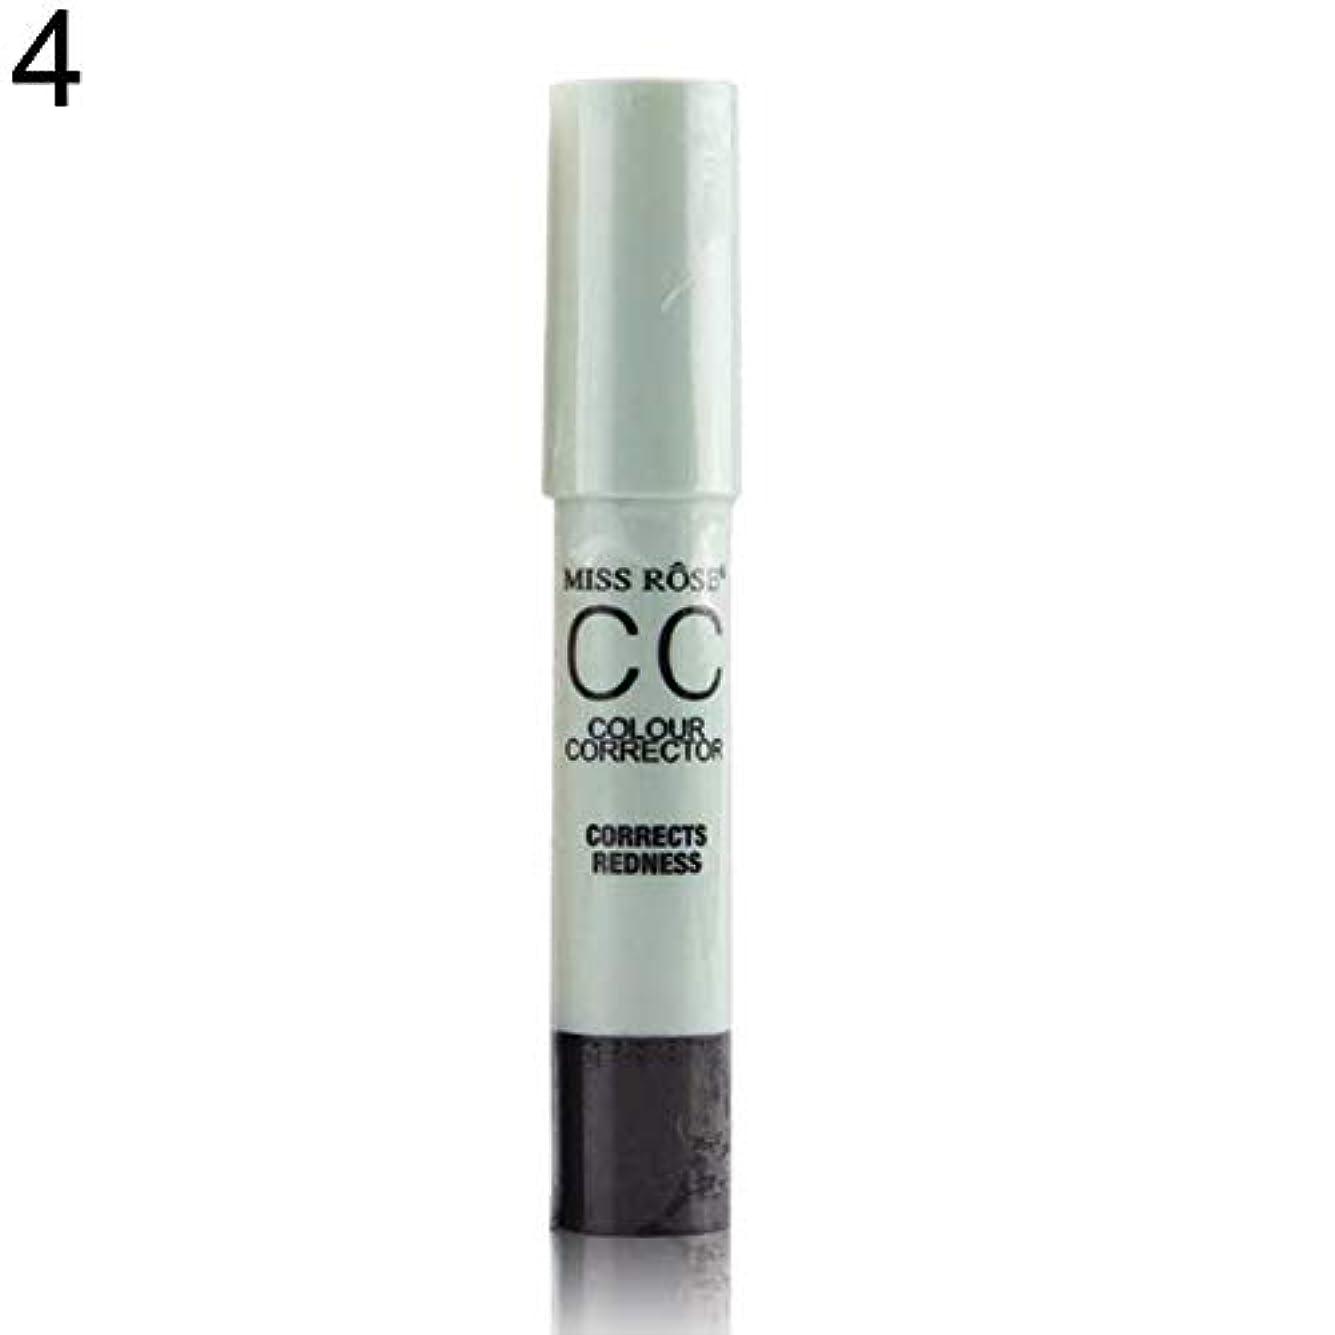 アンテナ儀式メアリアンジョーンズミスローズ顔メイクコンシーラー傷を隠すコレクタークリーム輪郭スティック - 4#